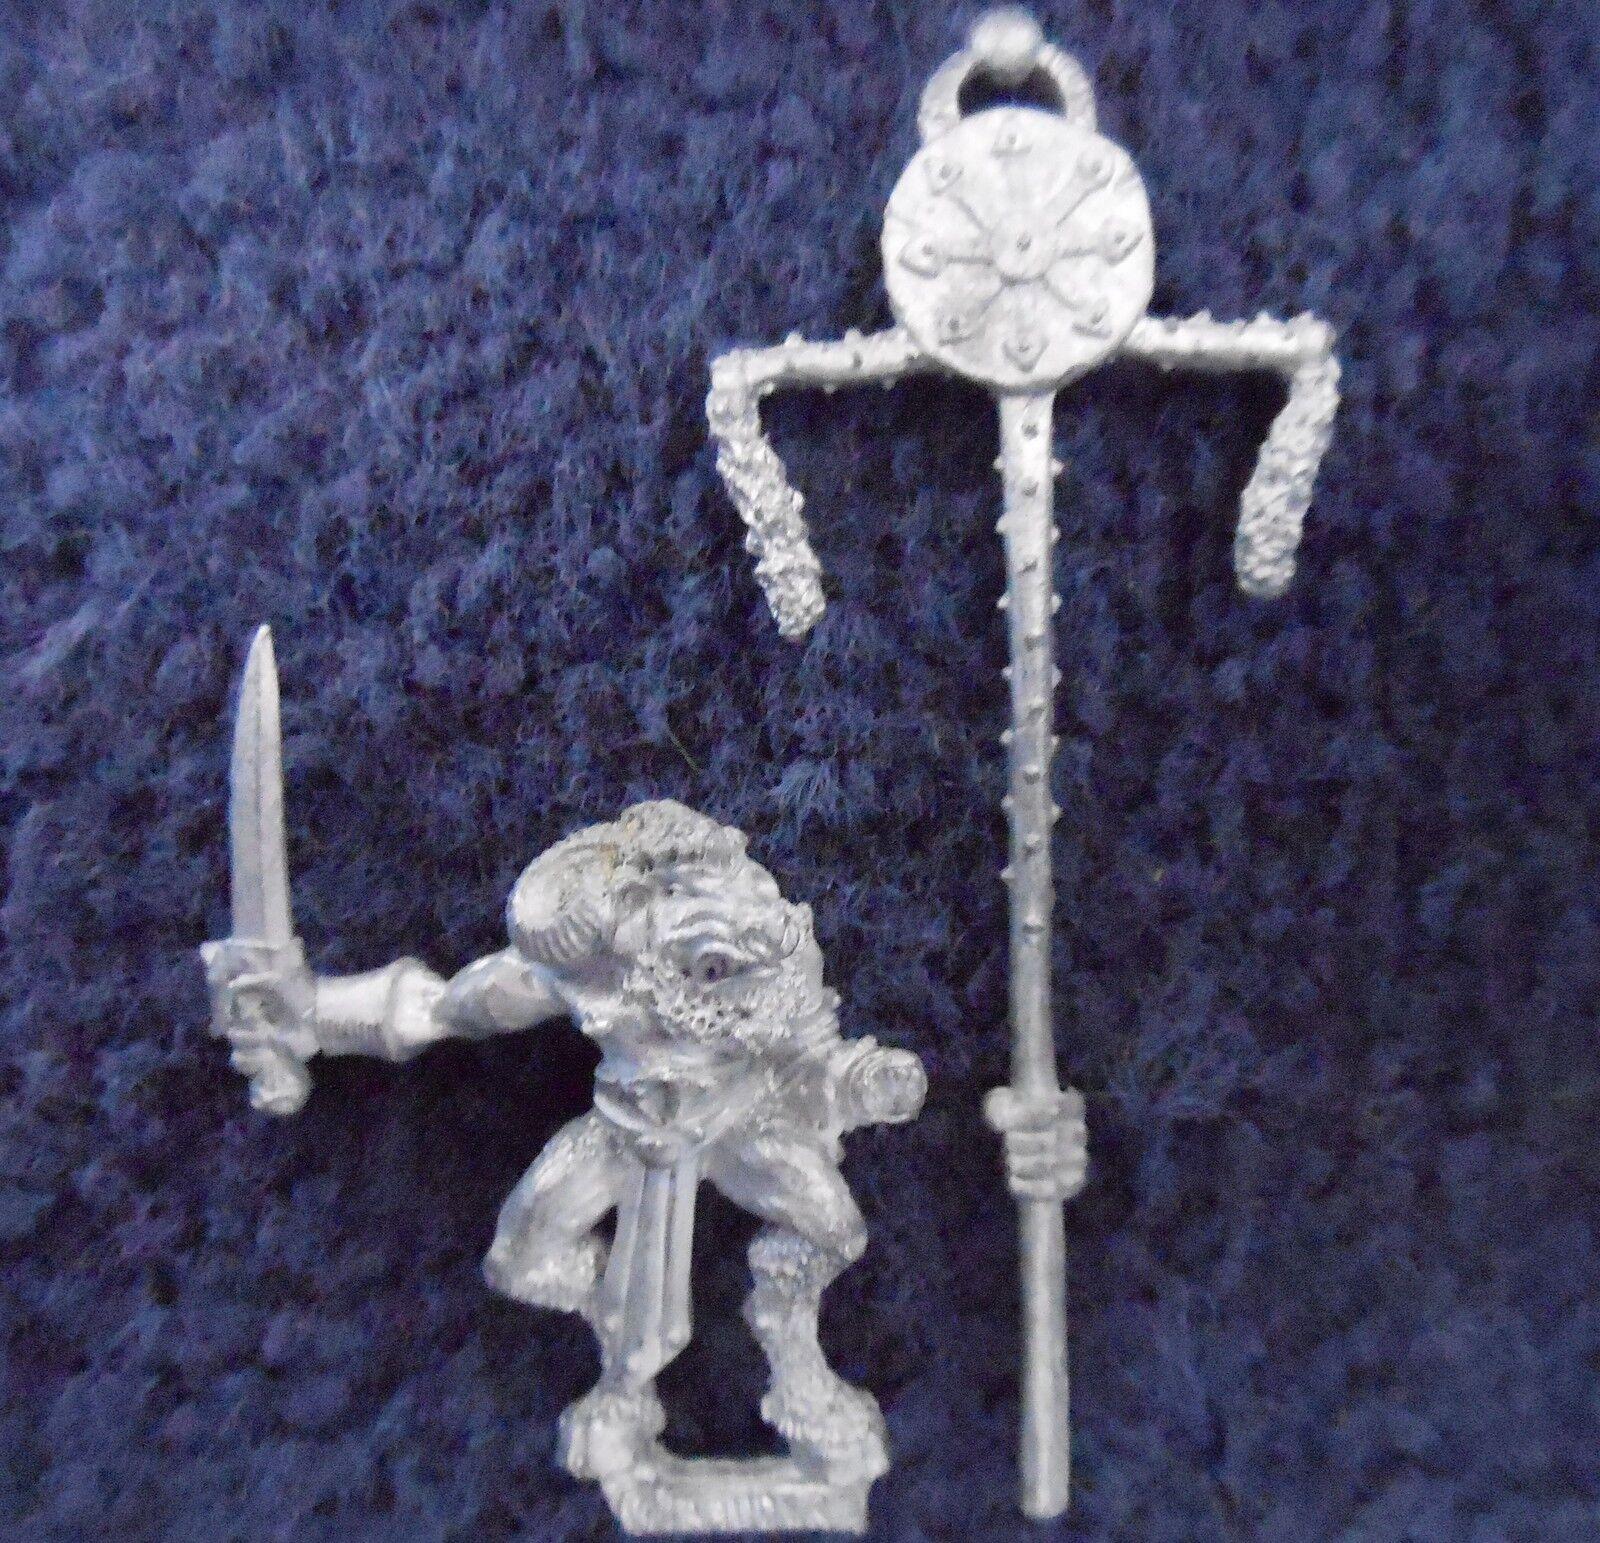 1990 Marauder MM97 Chaos Beastman Command Standard Bearer Warhammer Beastmen GW